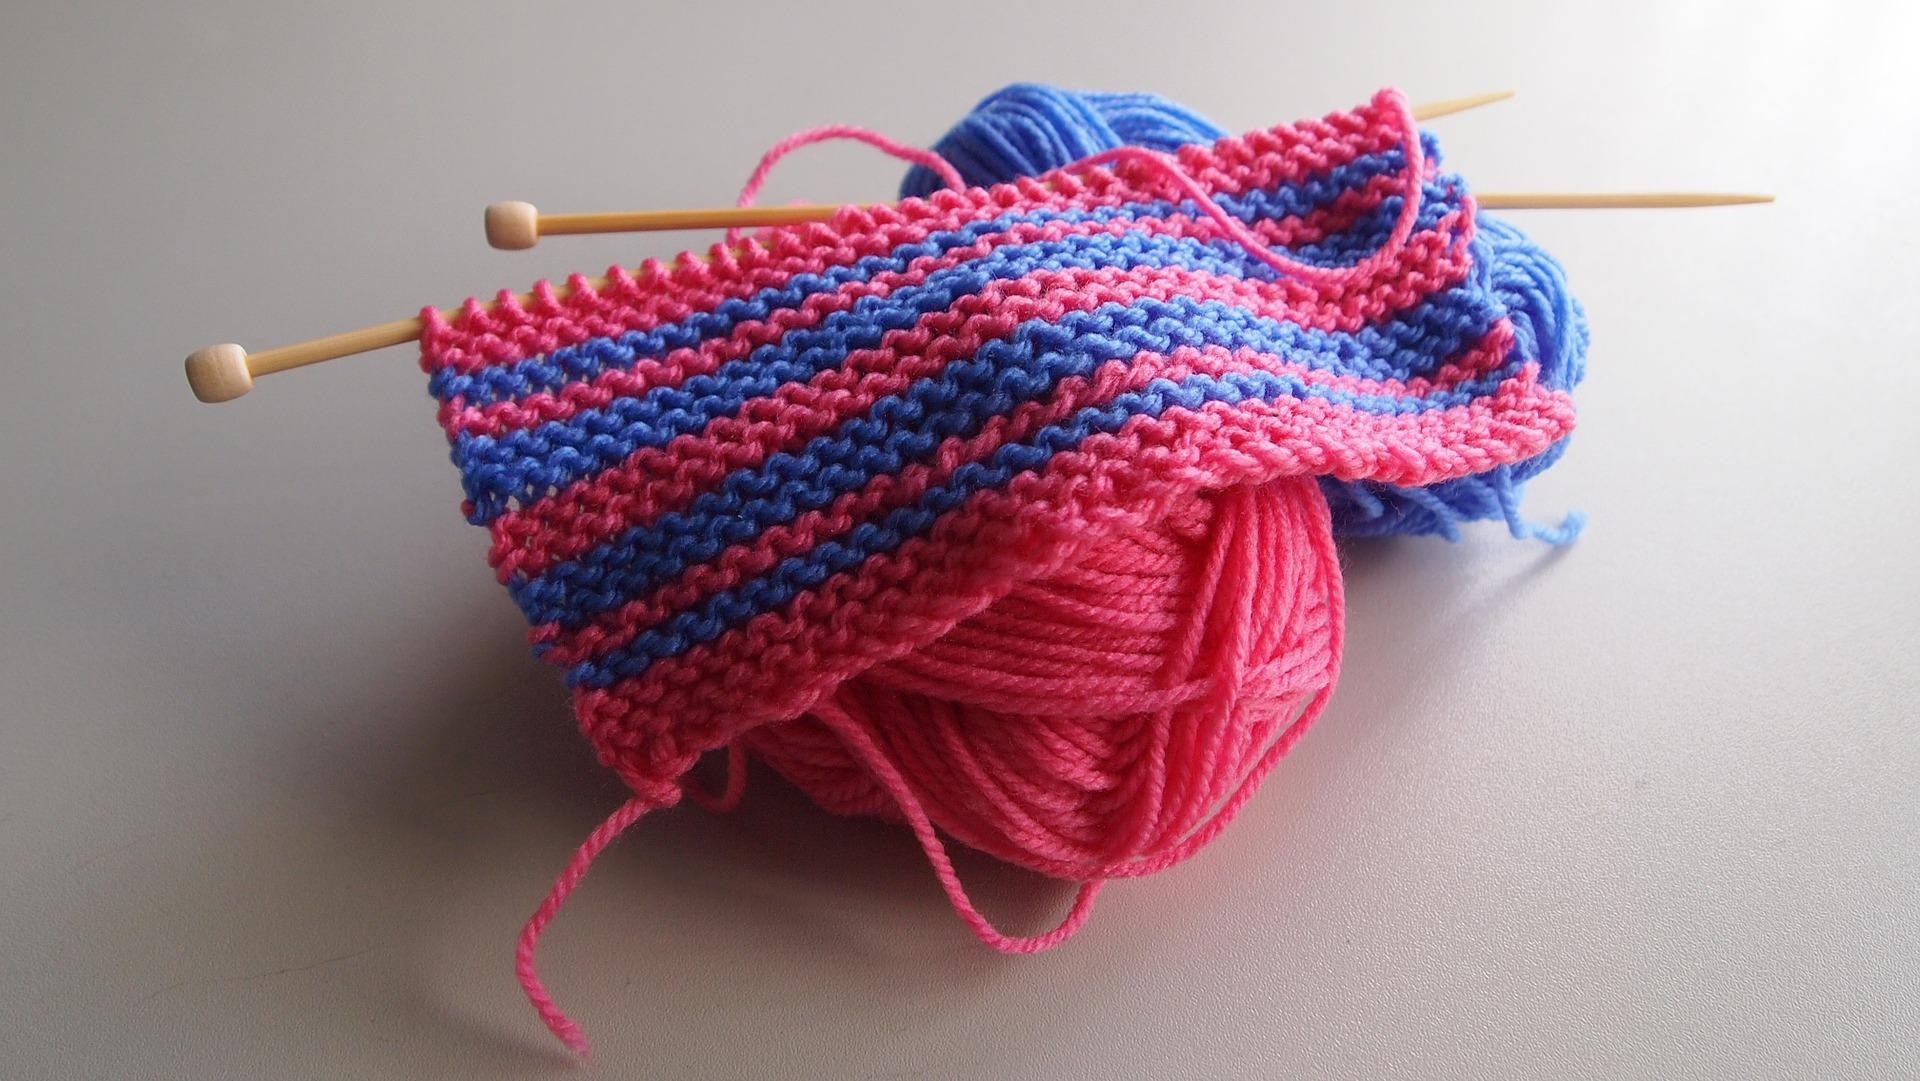 knitting-1099249_1920